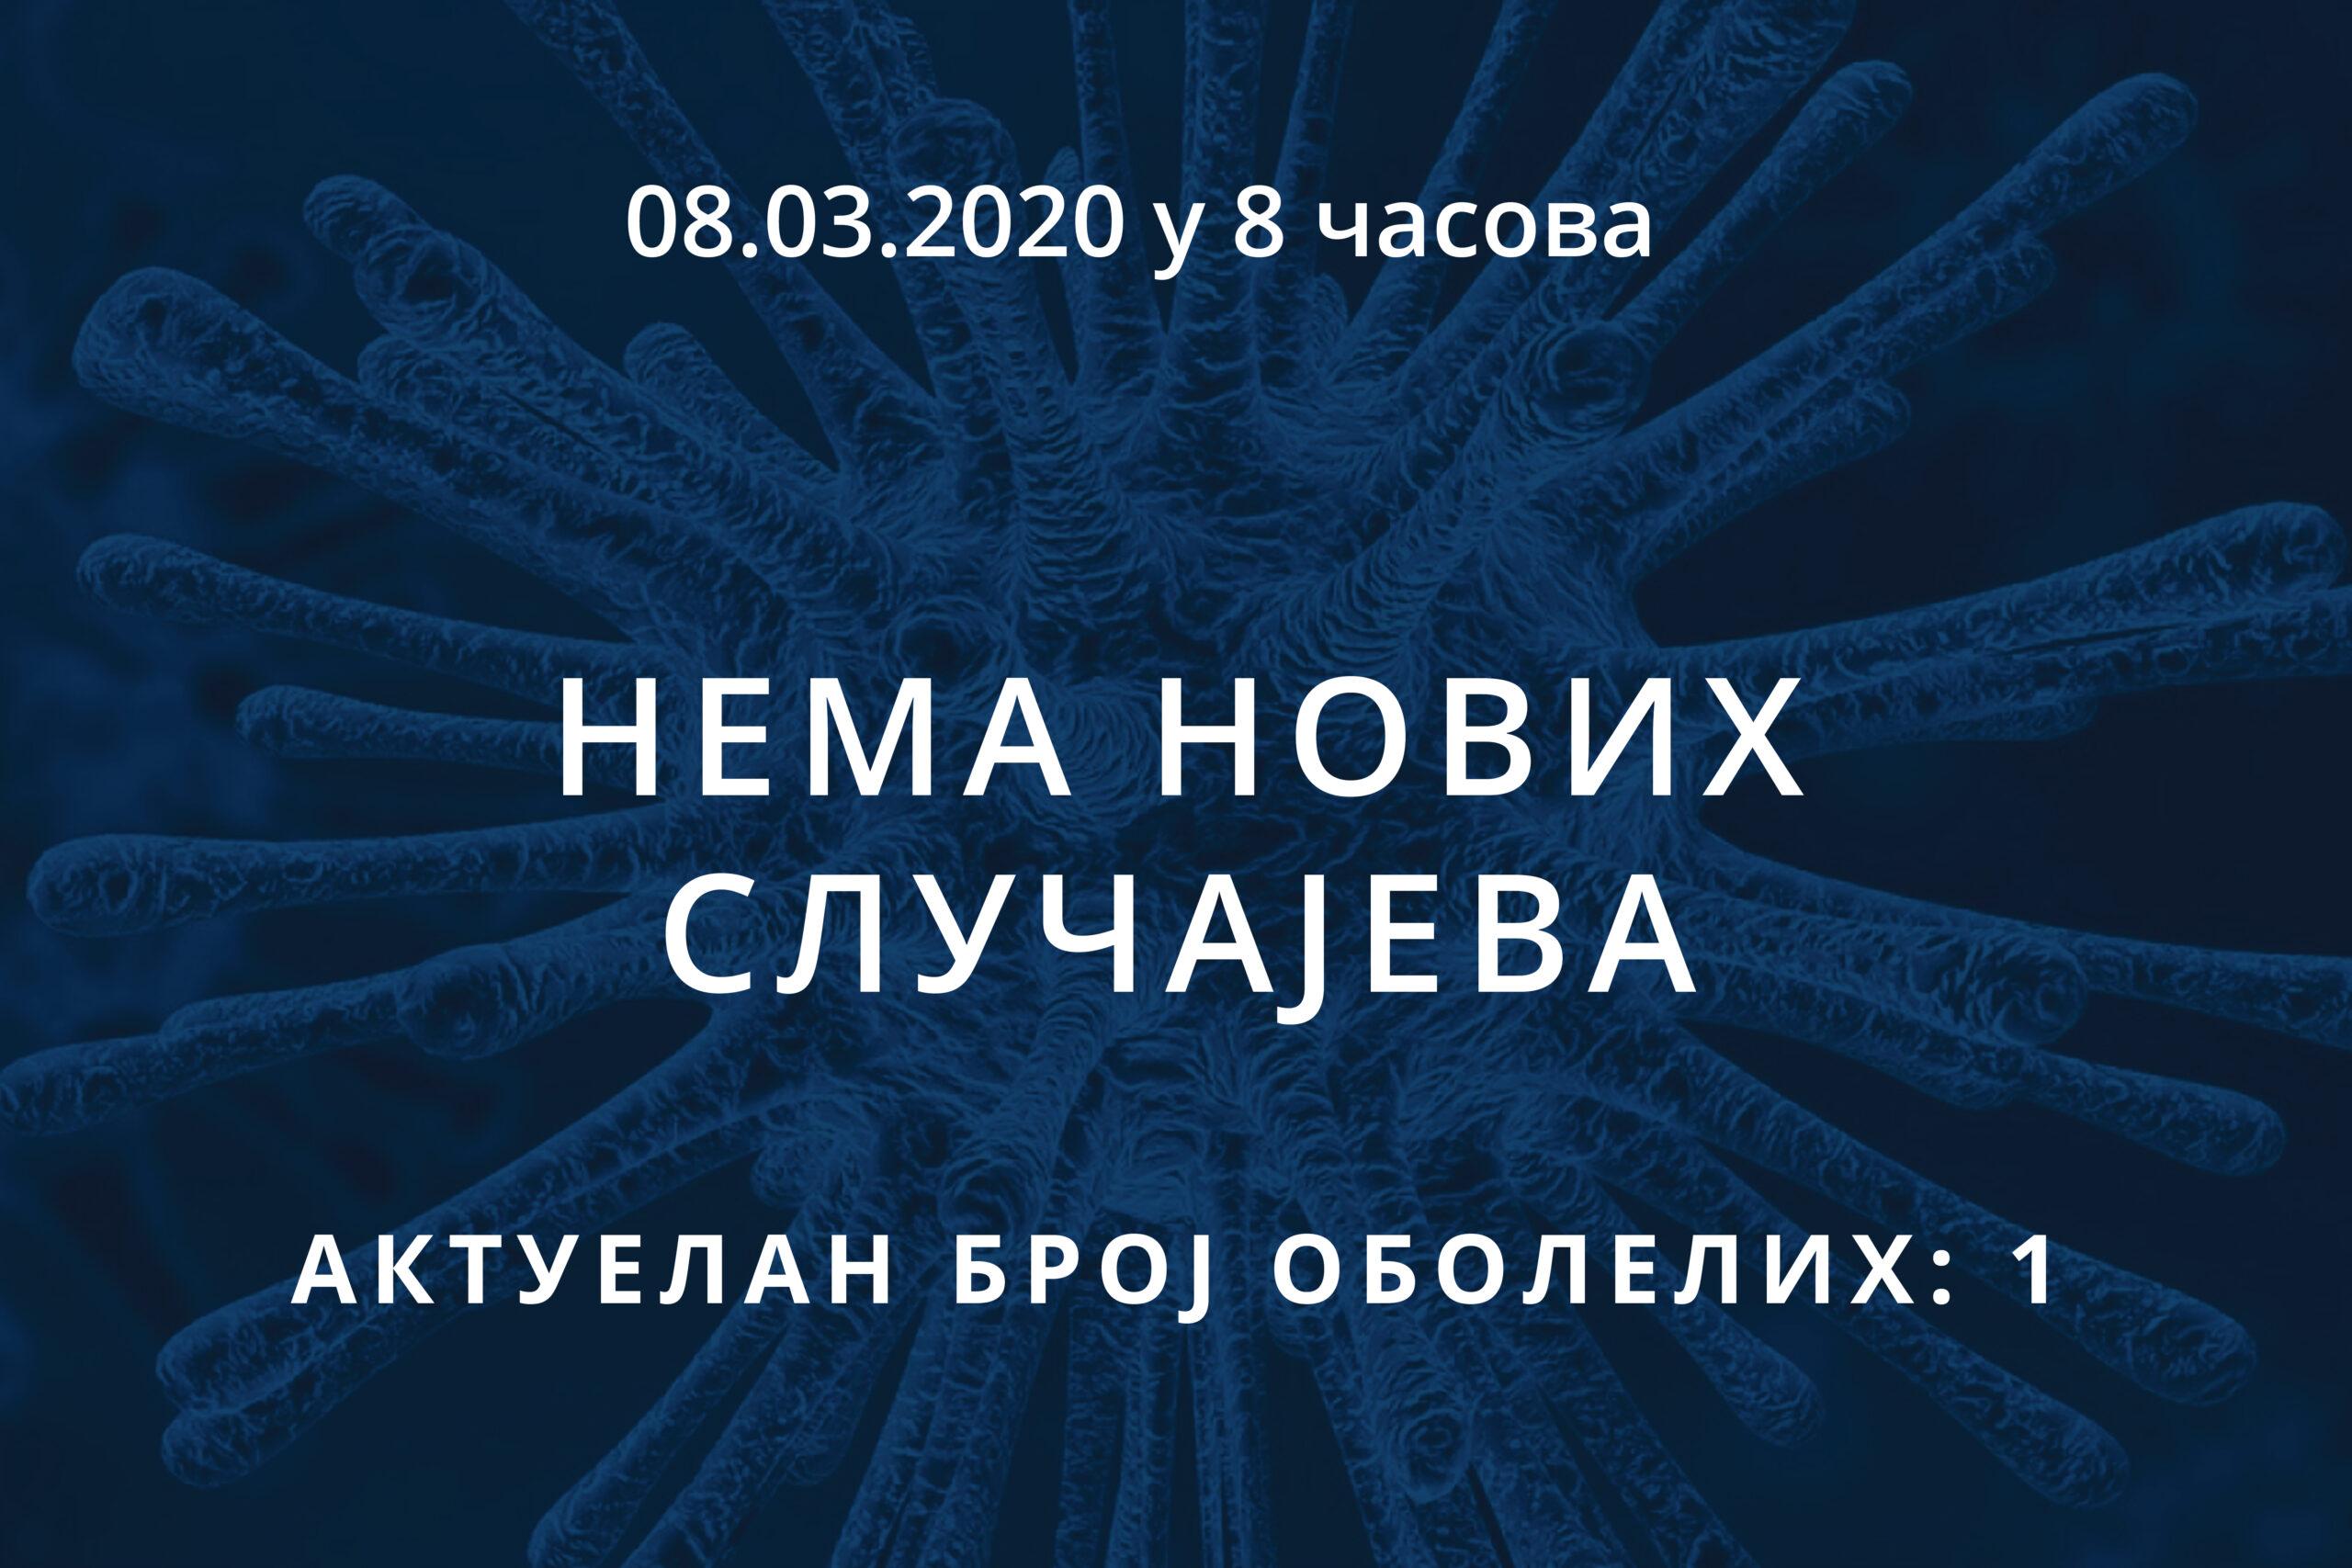 Информације о корона вирусу COVID-19, 08.03.2020 у 8 часова